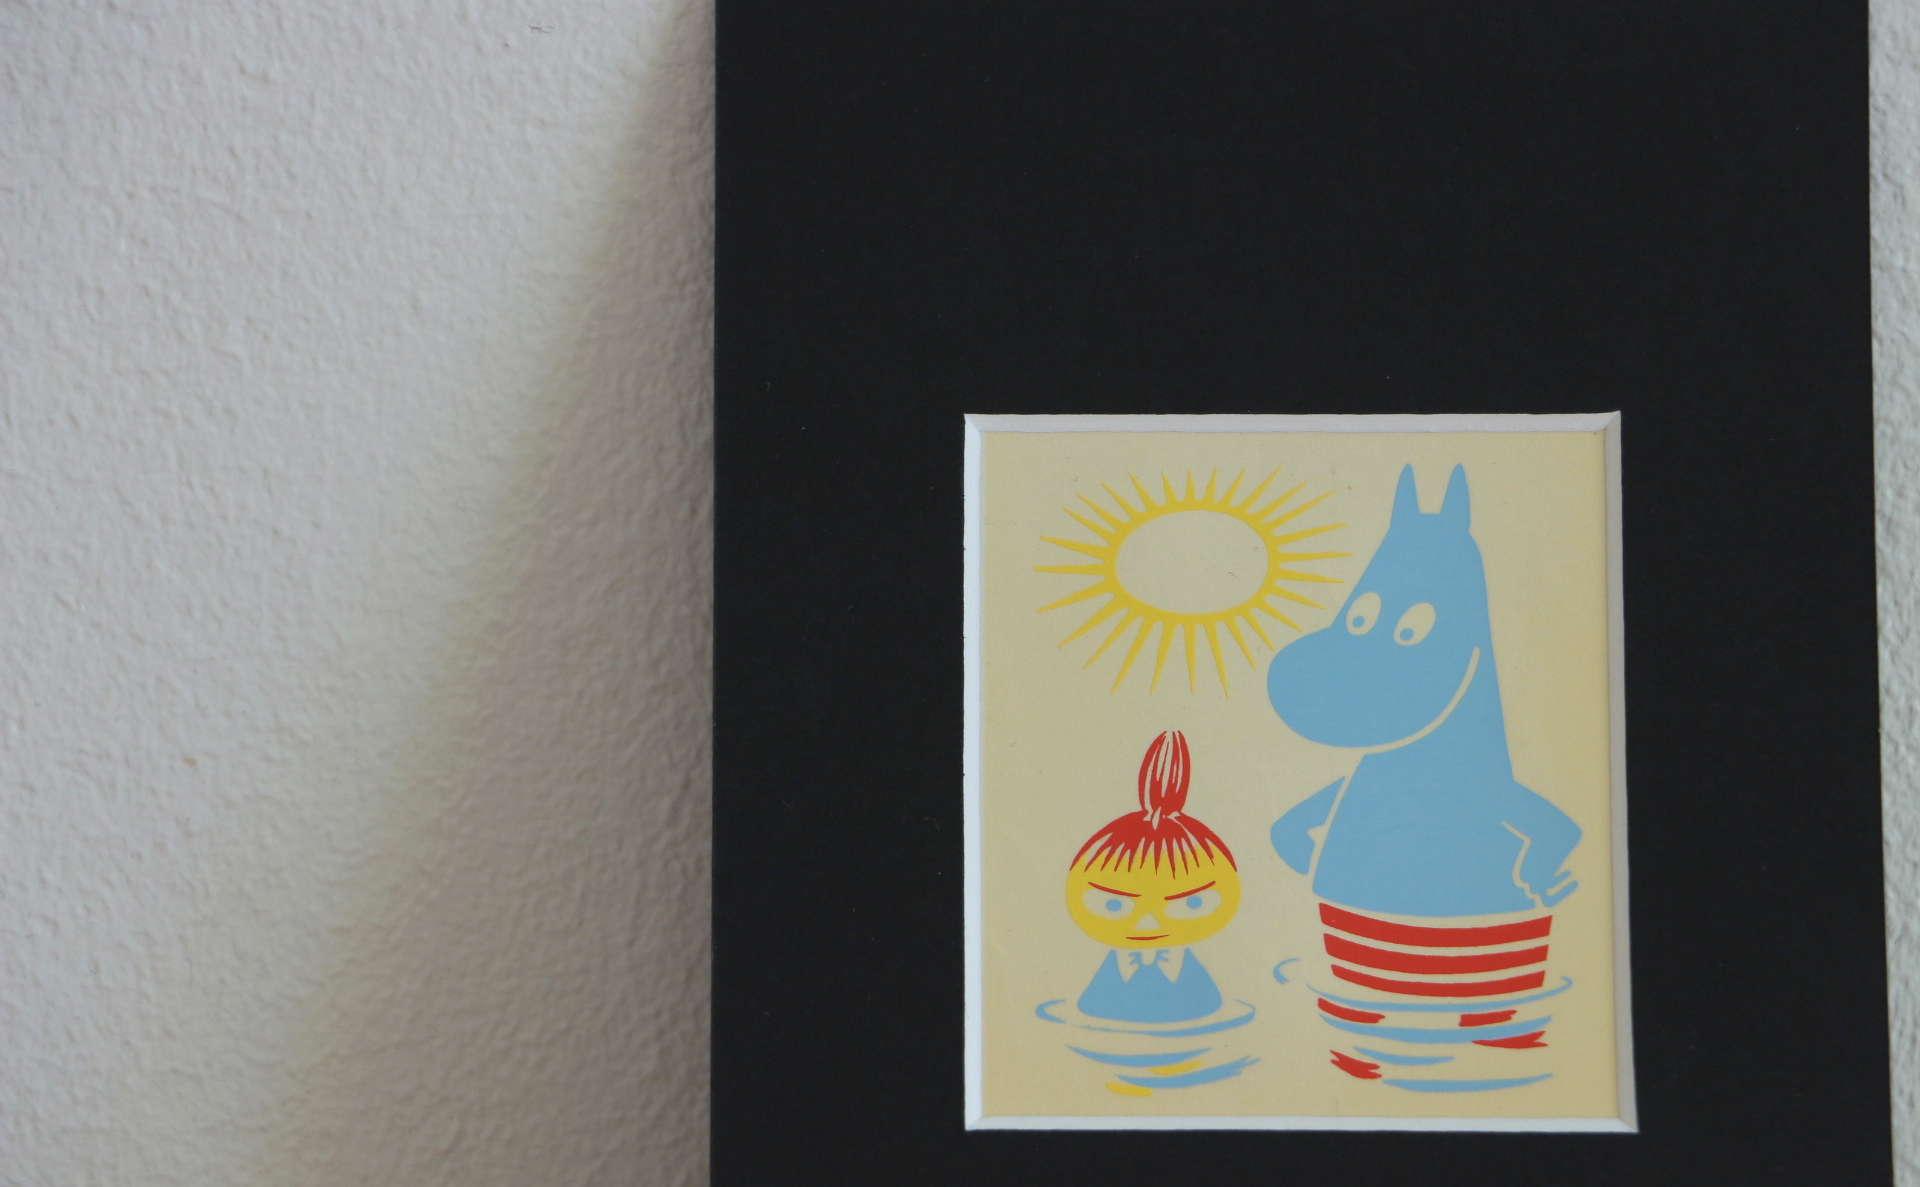 1950年代ヴィンテージムーミンシートムーミンとリトルミイの暗め写真